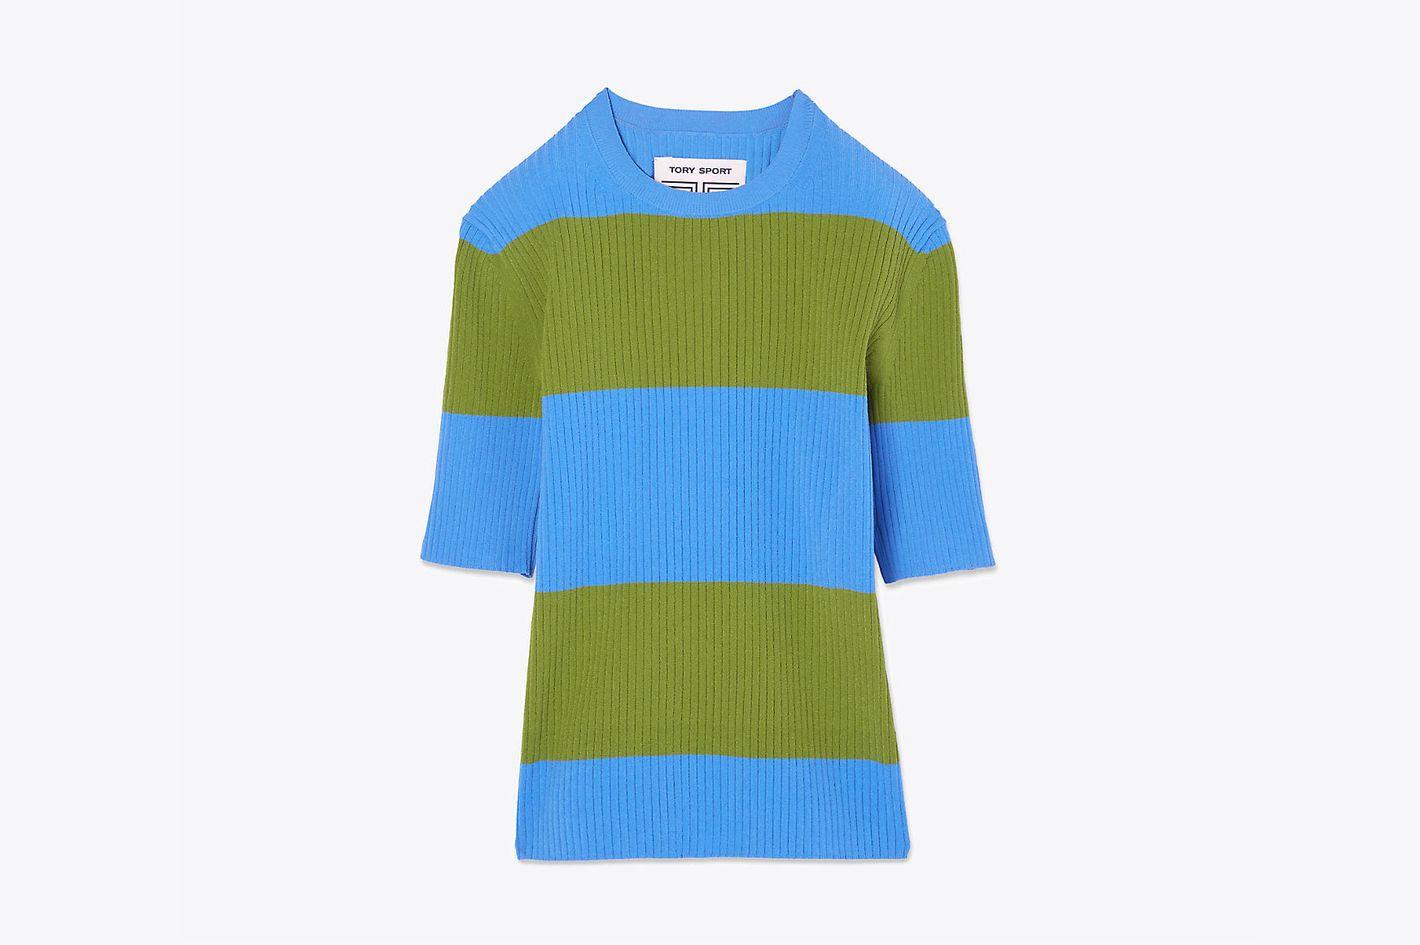 Tech Knit Short-Sleeve Sweater